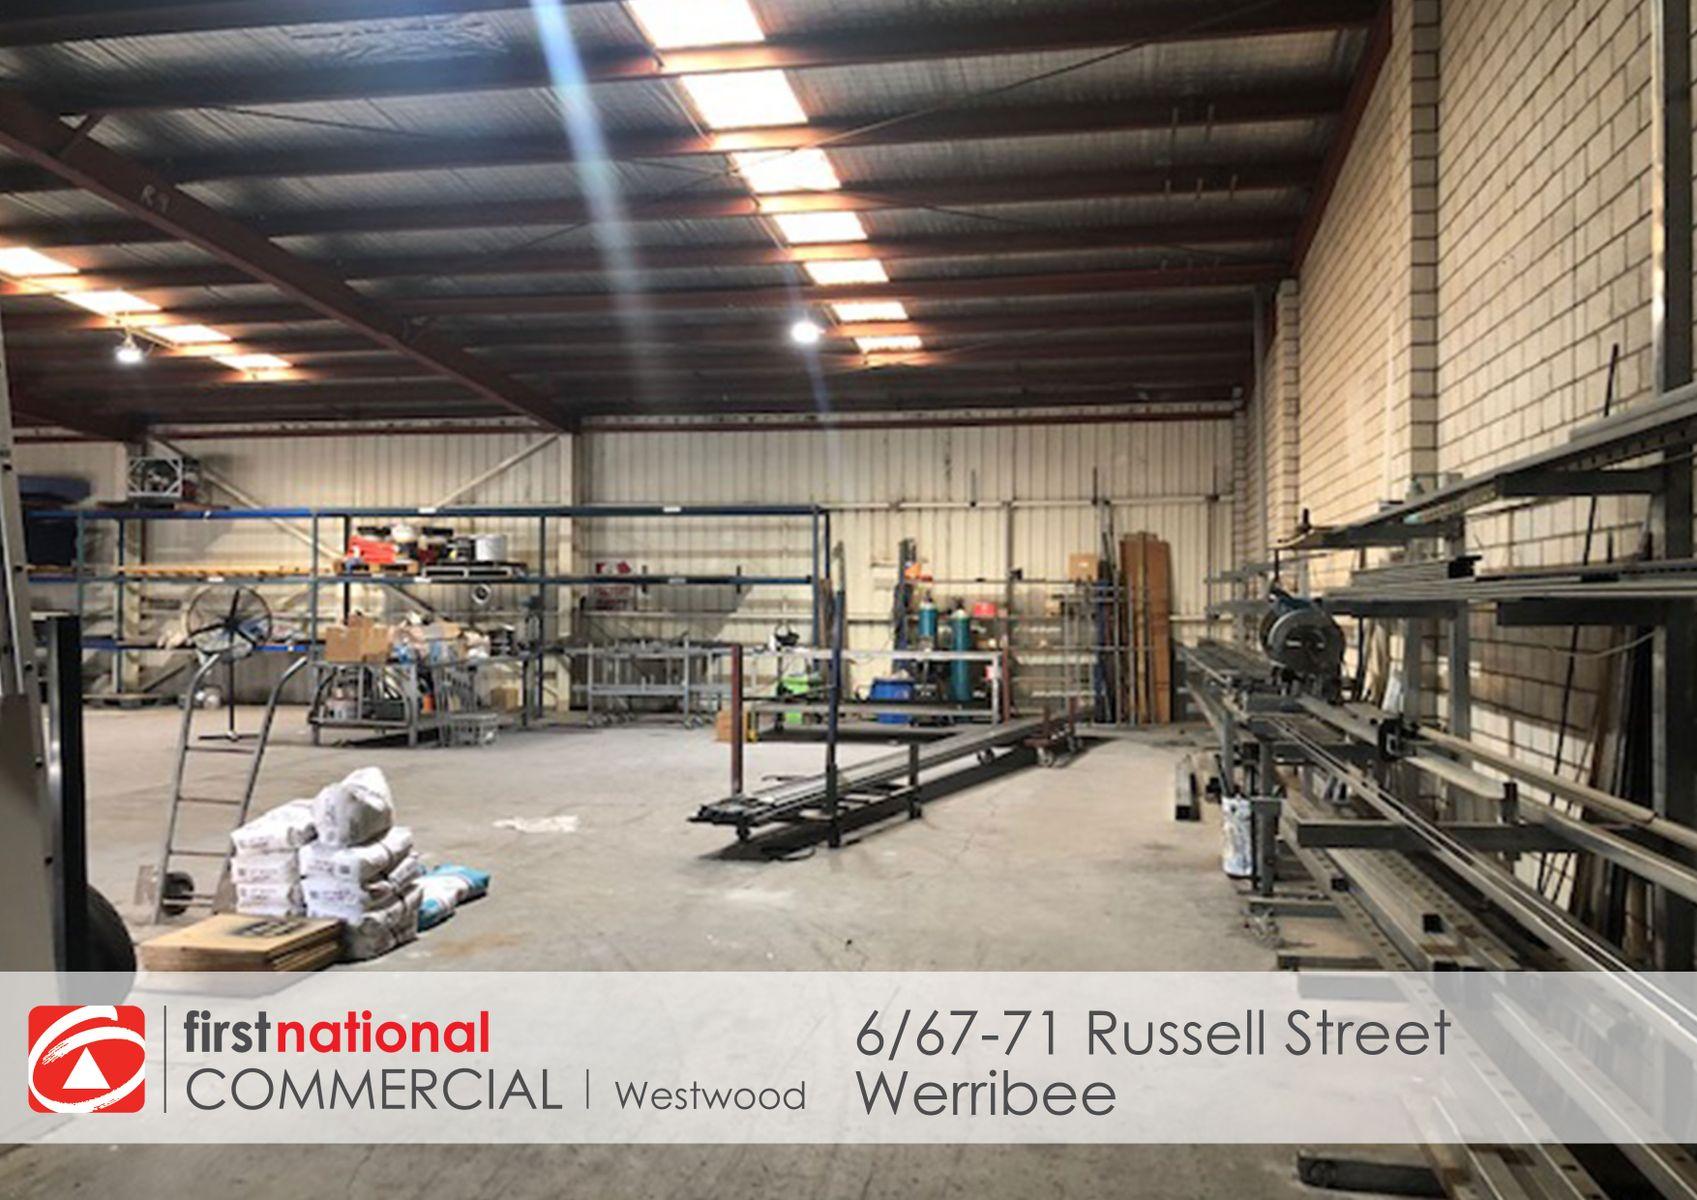 6/67-71 Russell Street, Werribee, VIC 3030